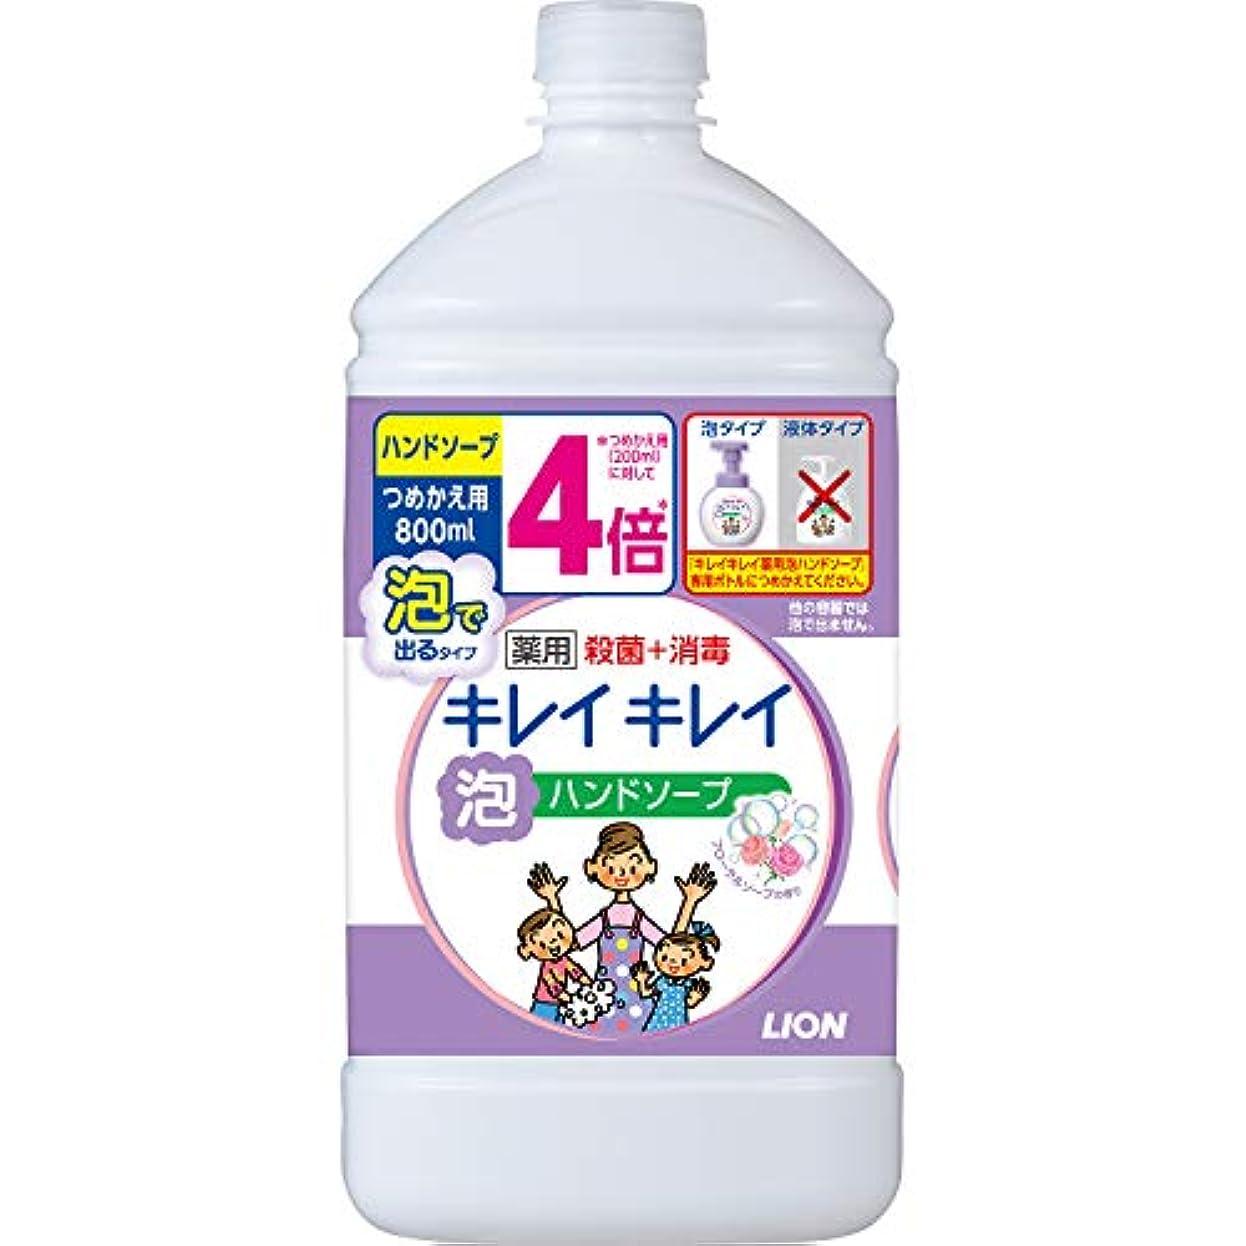 やりがいのあるスラック(医薬部外品)【大容量】キレイキレイ 薬用 泡ハンドソープ フローラルソープの香り 詰め替え 特大 800ml